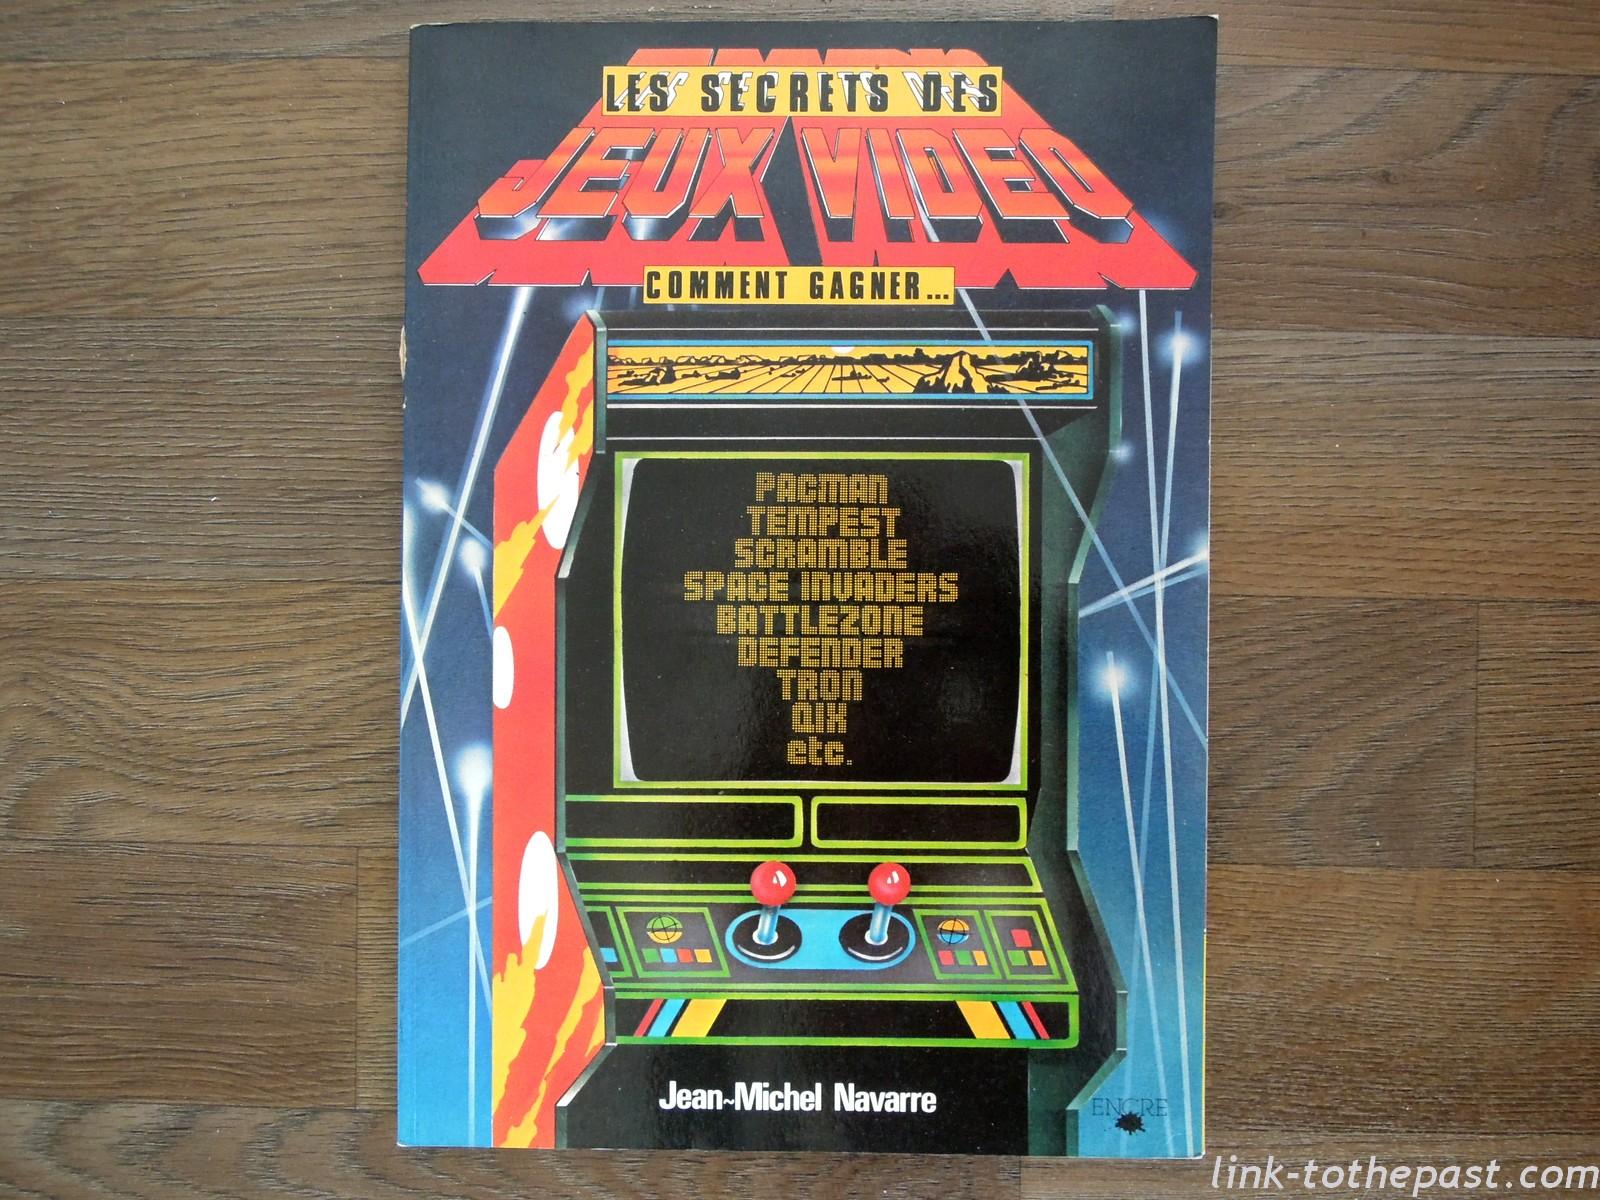 Les secrets des jeux vidéo comment gagner - Jean Michel Navarre